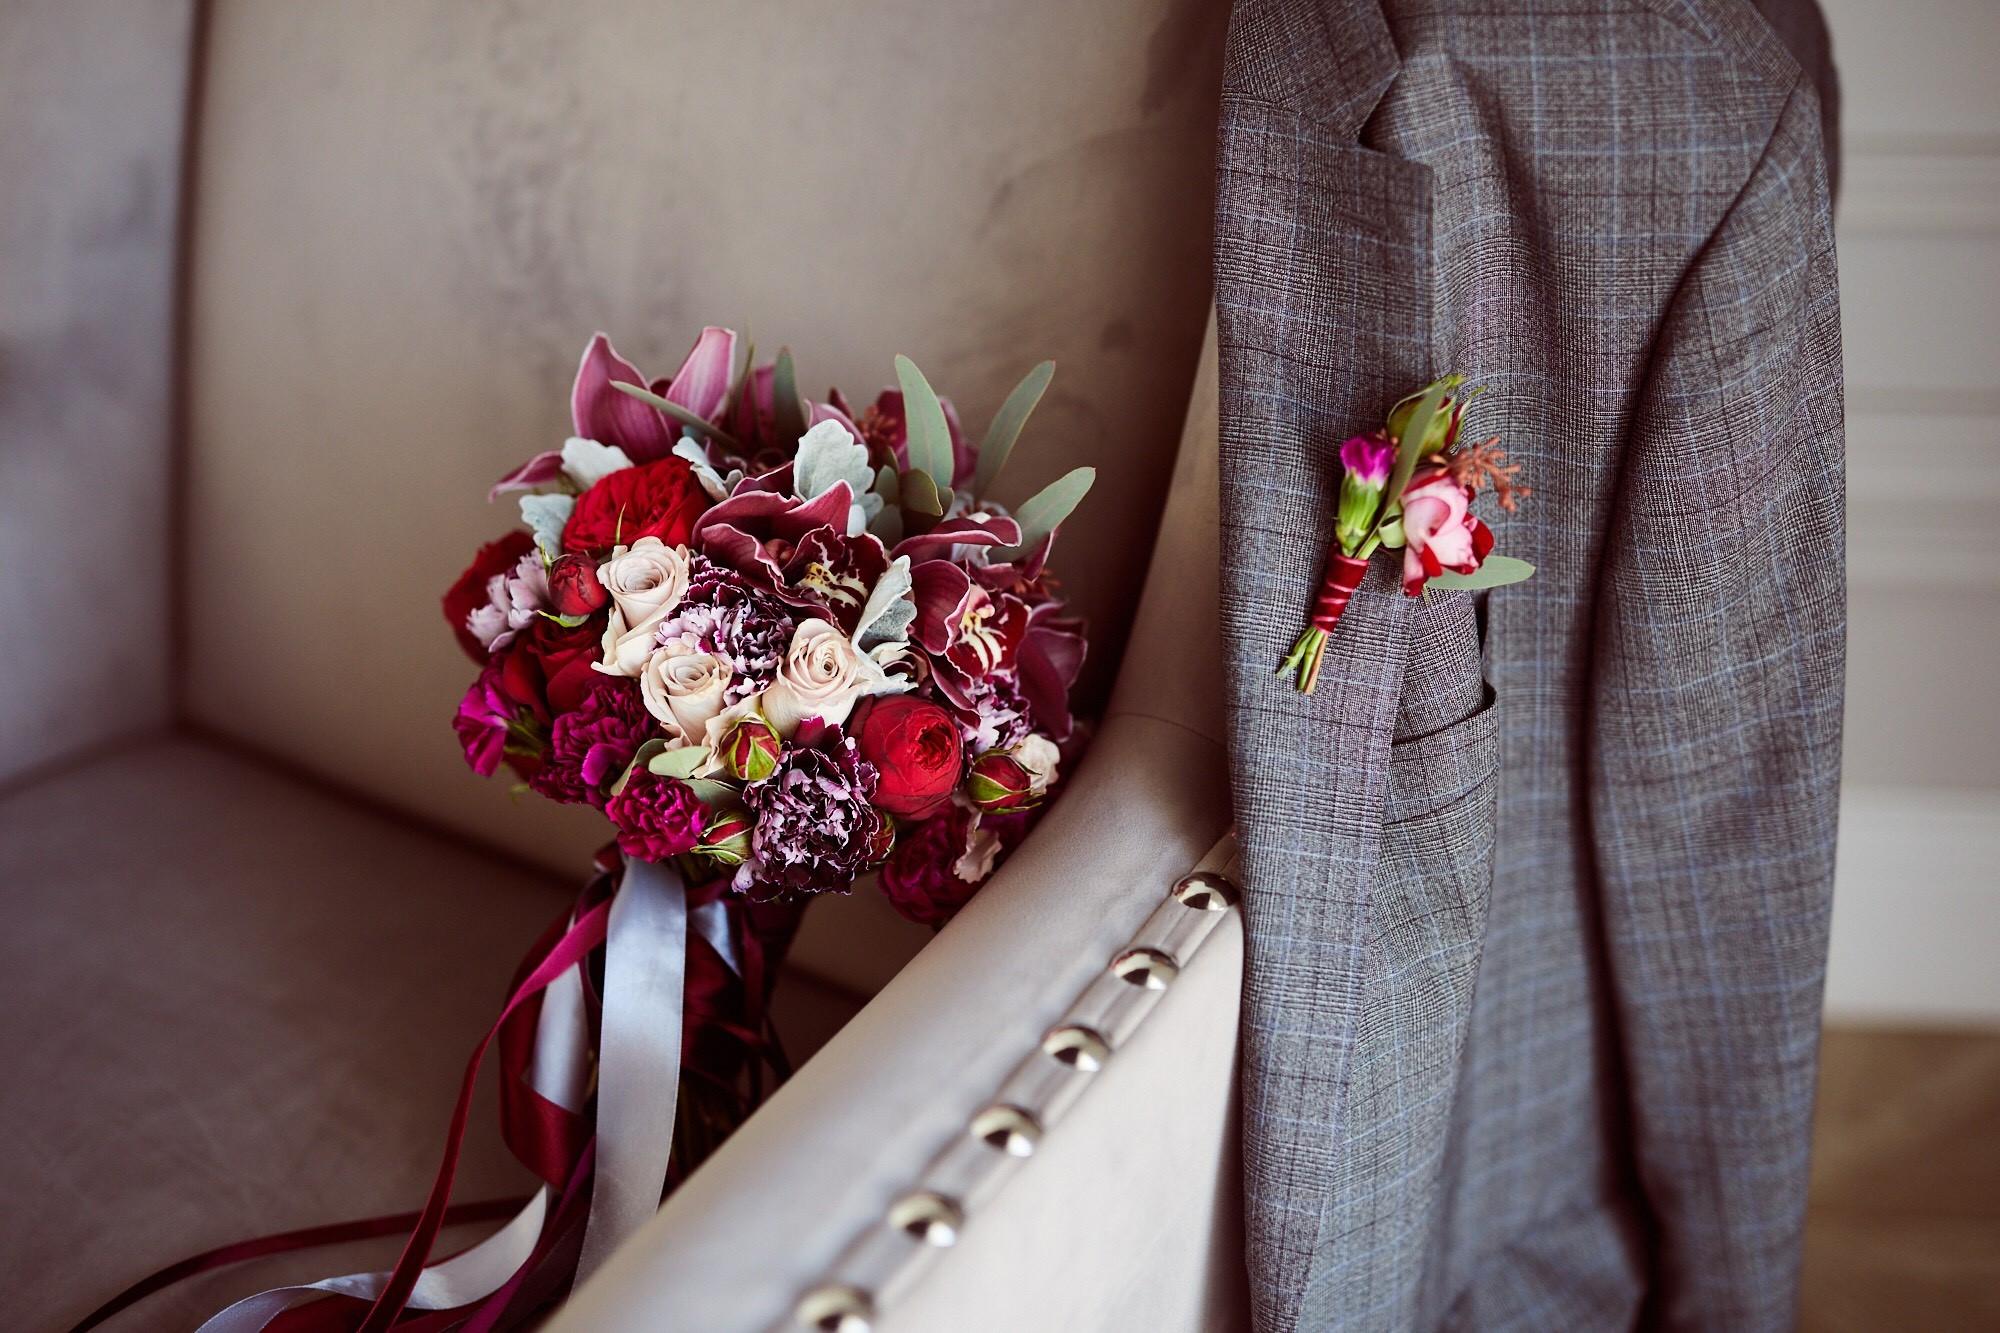 Букет цвета марсала из орхидей цимбидиум и пионовидных роз с серой зеленью